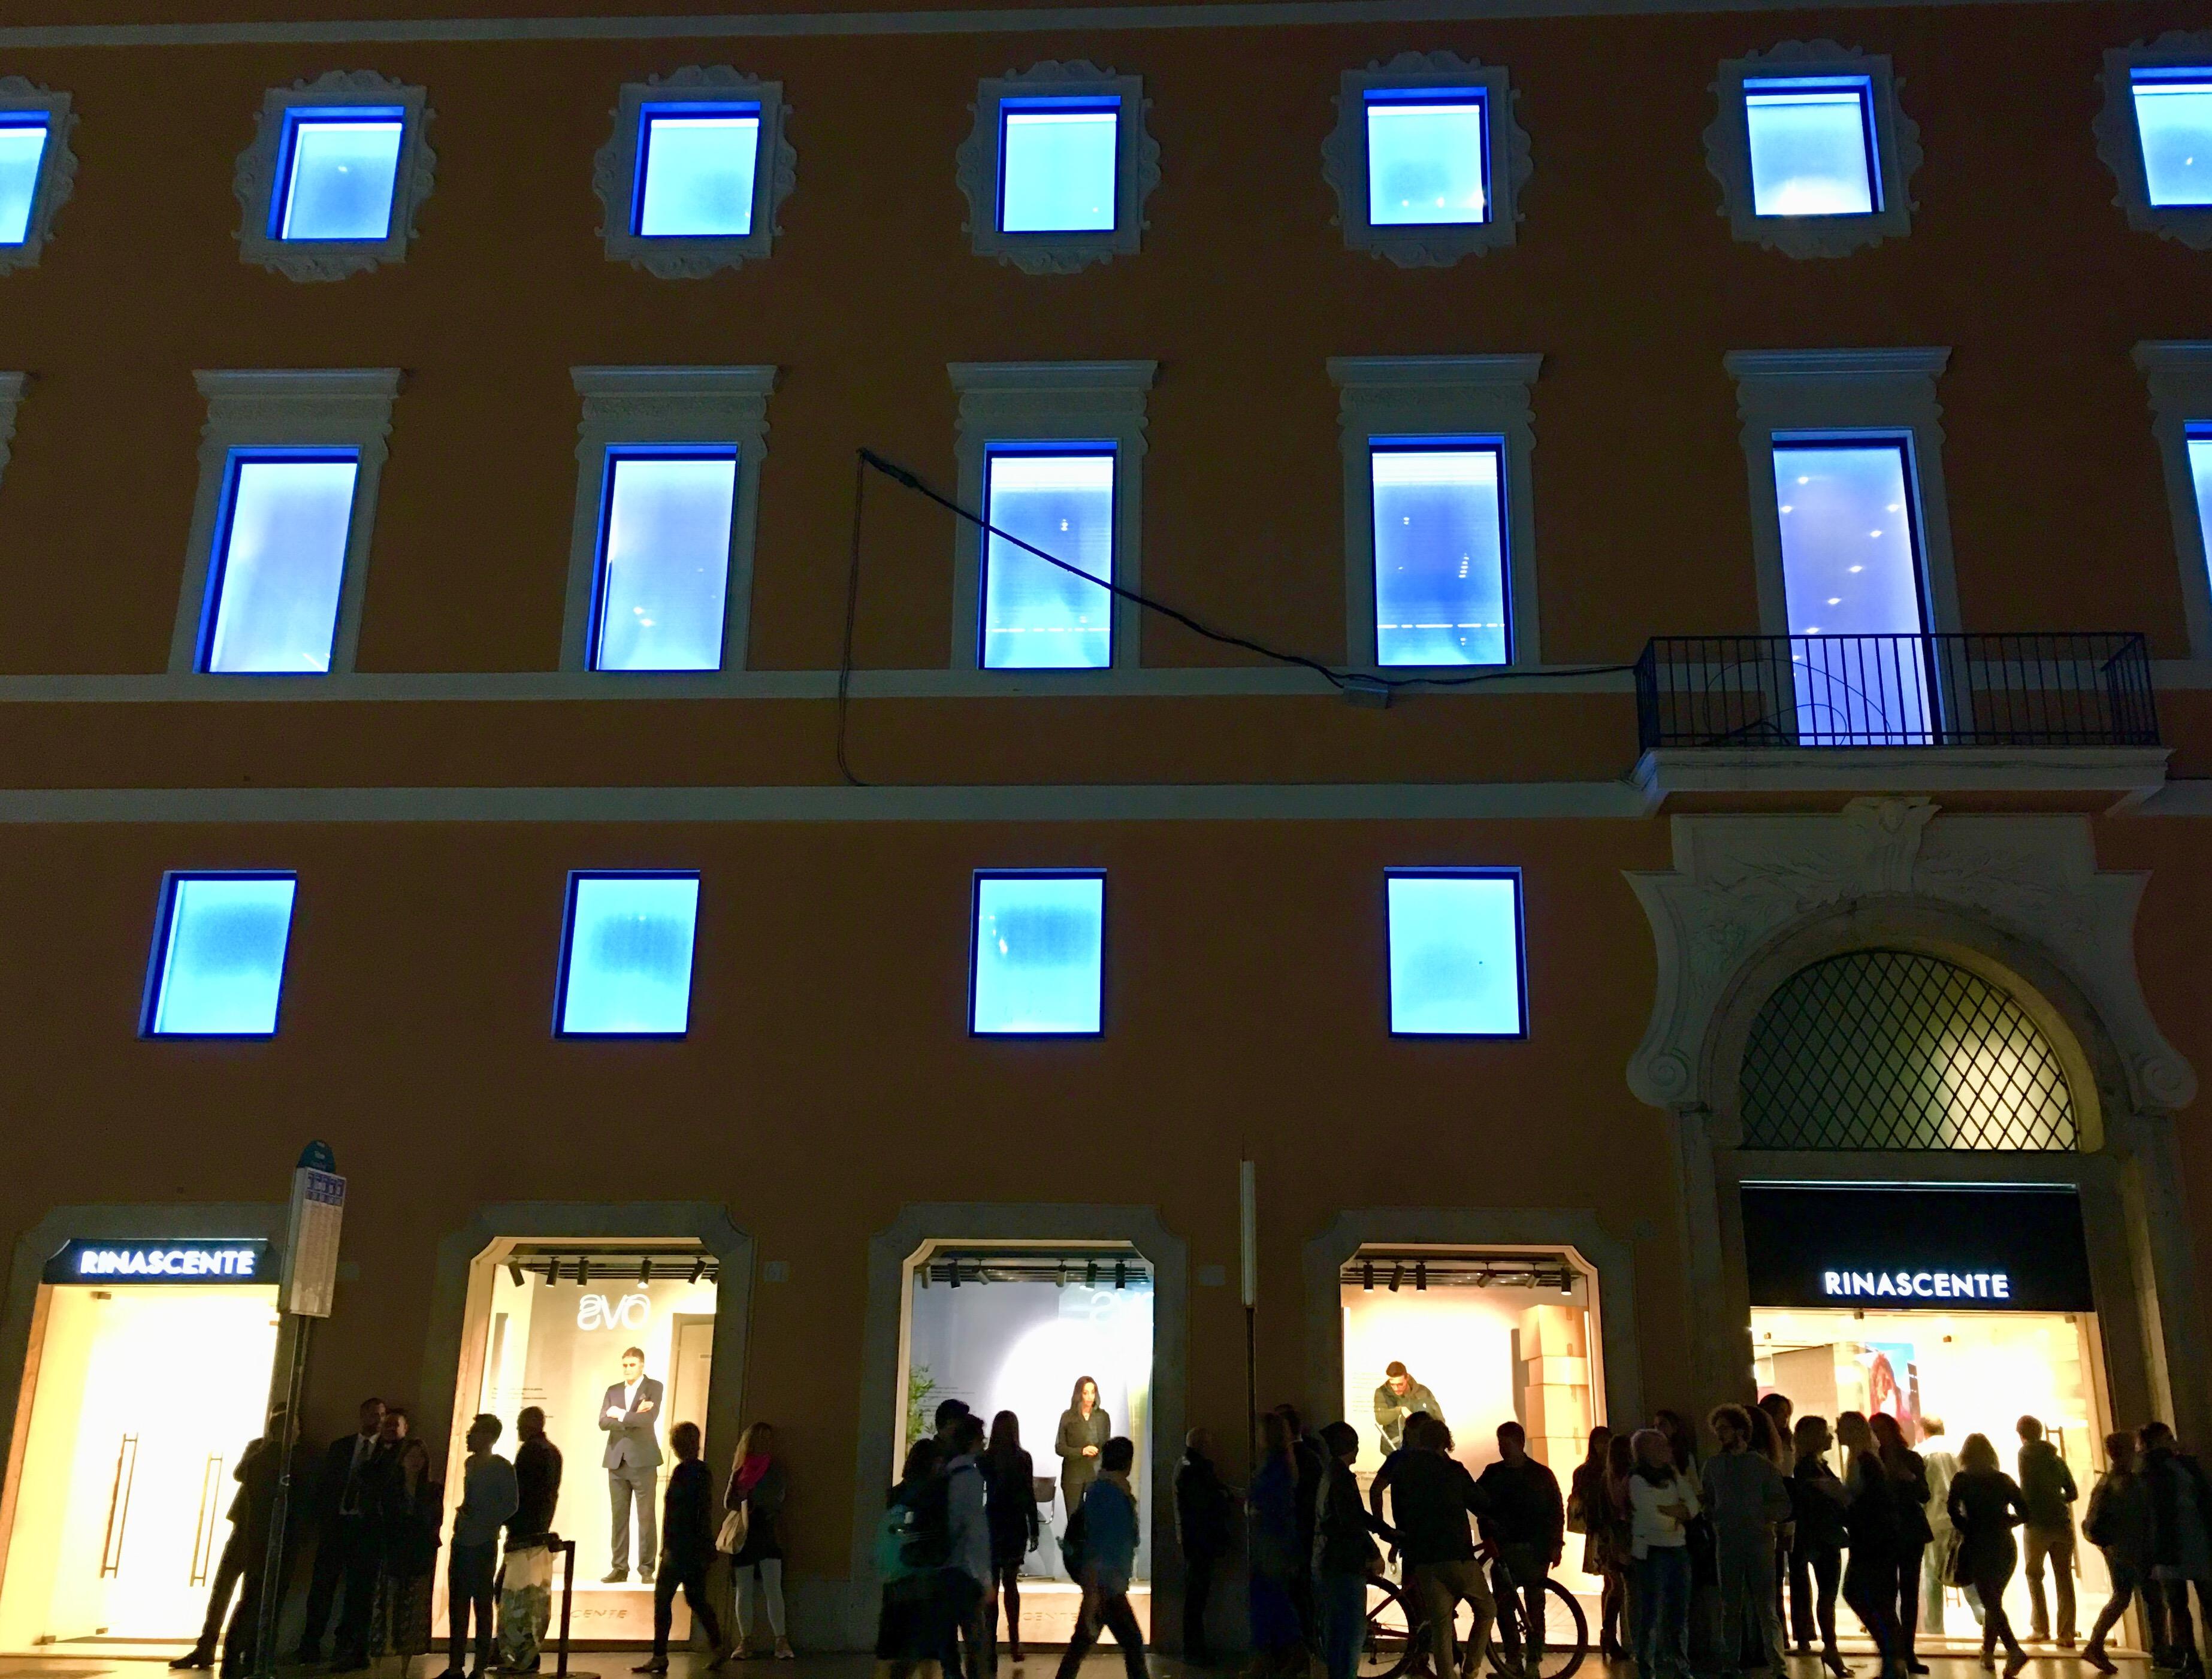 Roma Via Del Tritone Apre La Nuova Rinascente Urbanfile